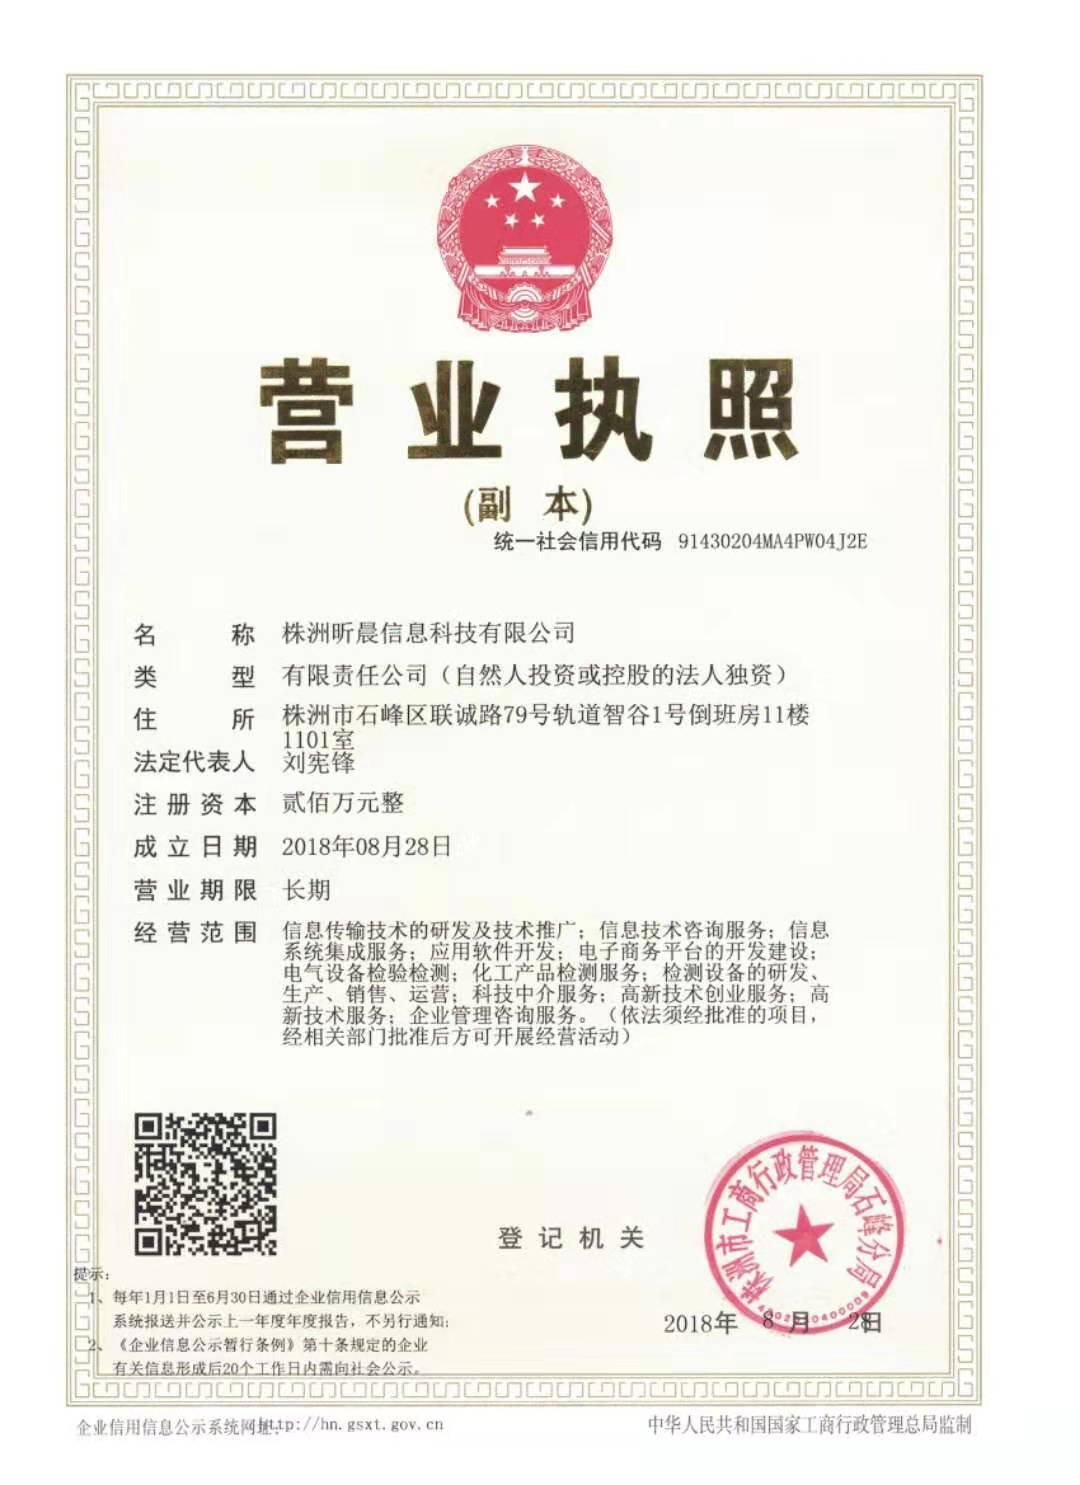 株洲昕晨信息科技有限公司